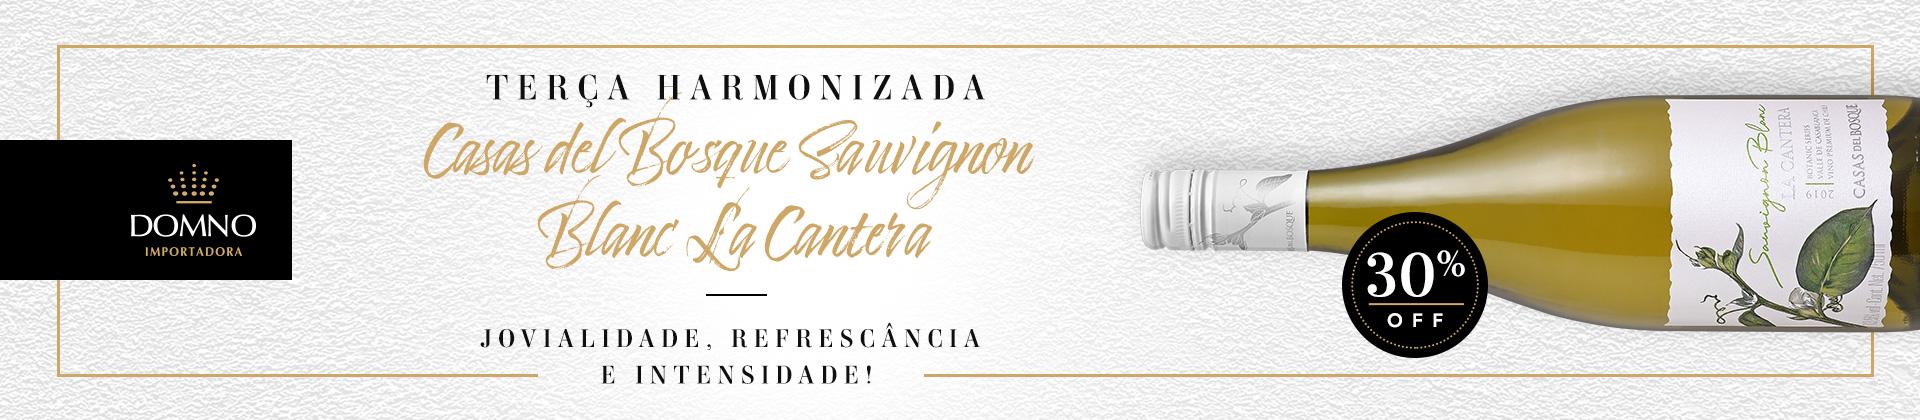 La Cantera 30% (1920x420)